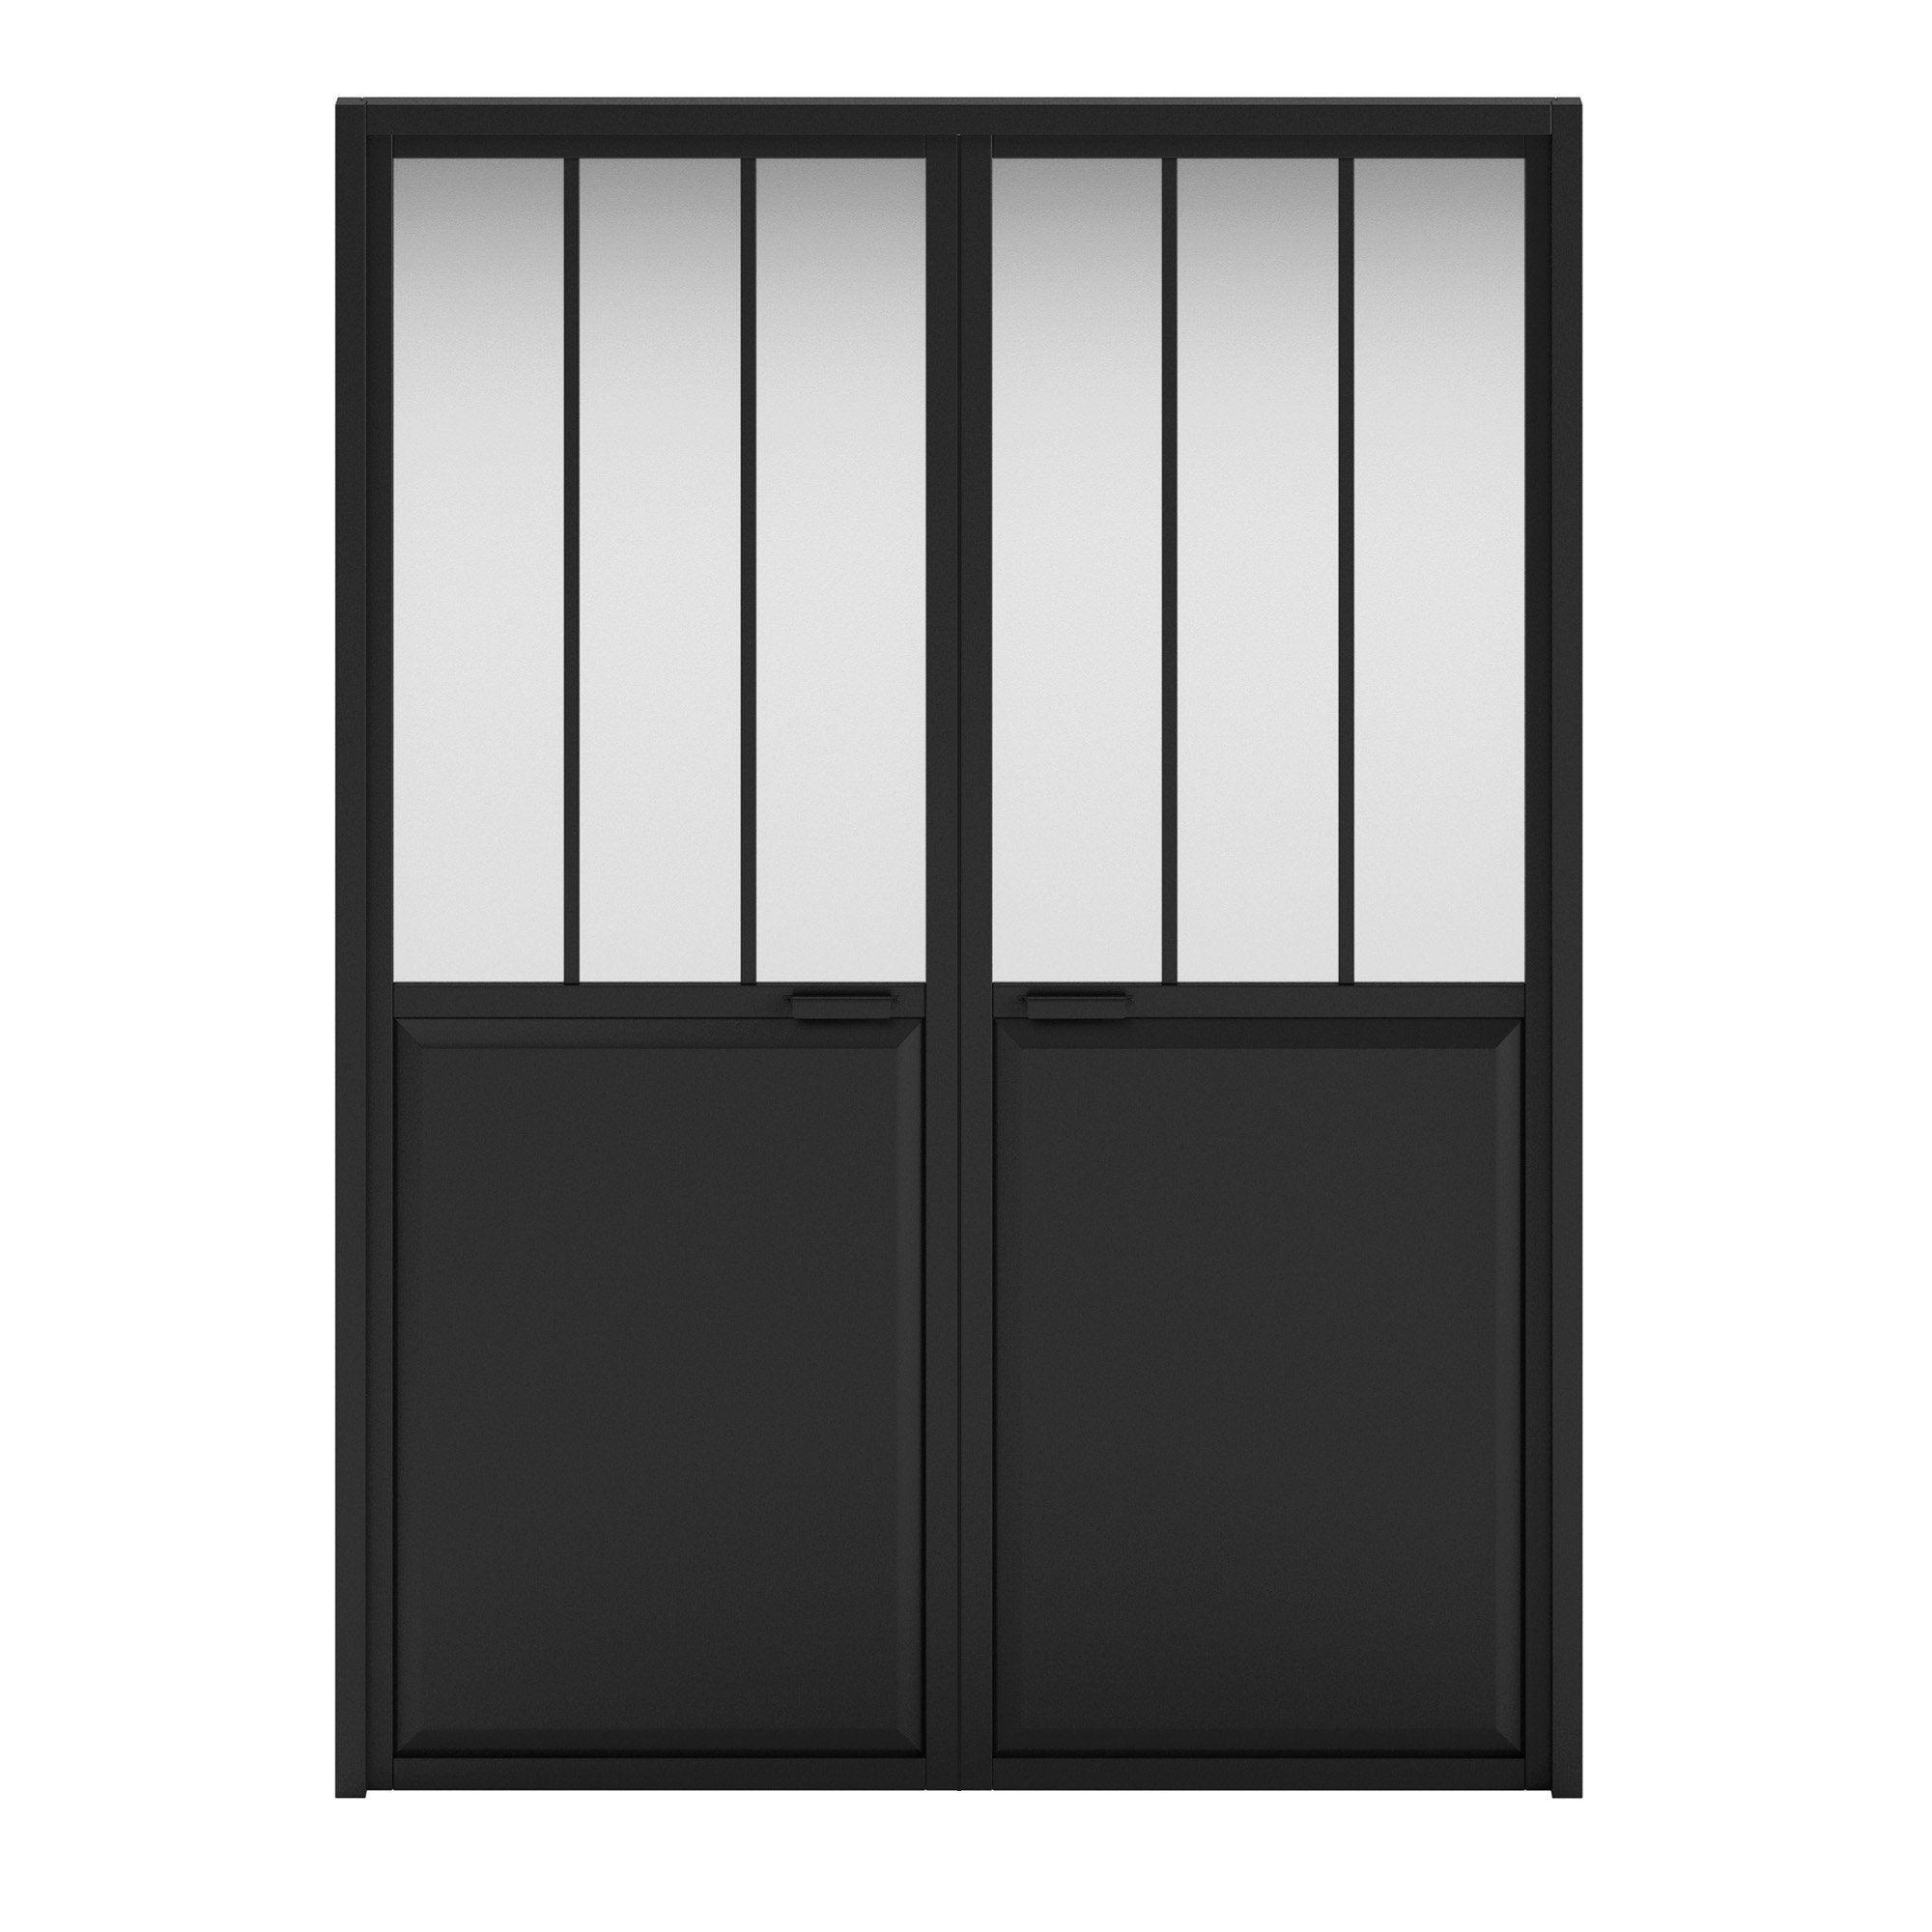 Double porte aluminium vitré Atelier, noir droite H.204 x l.146 cm, pous. droit